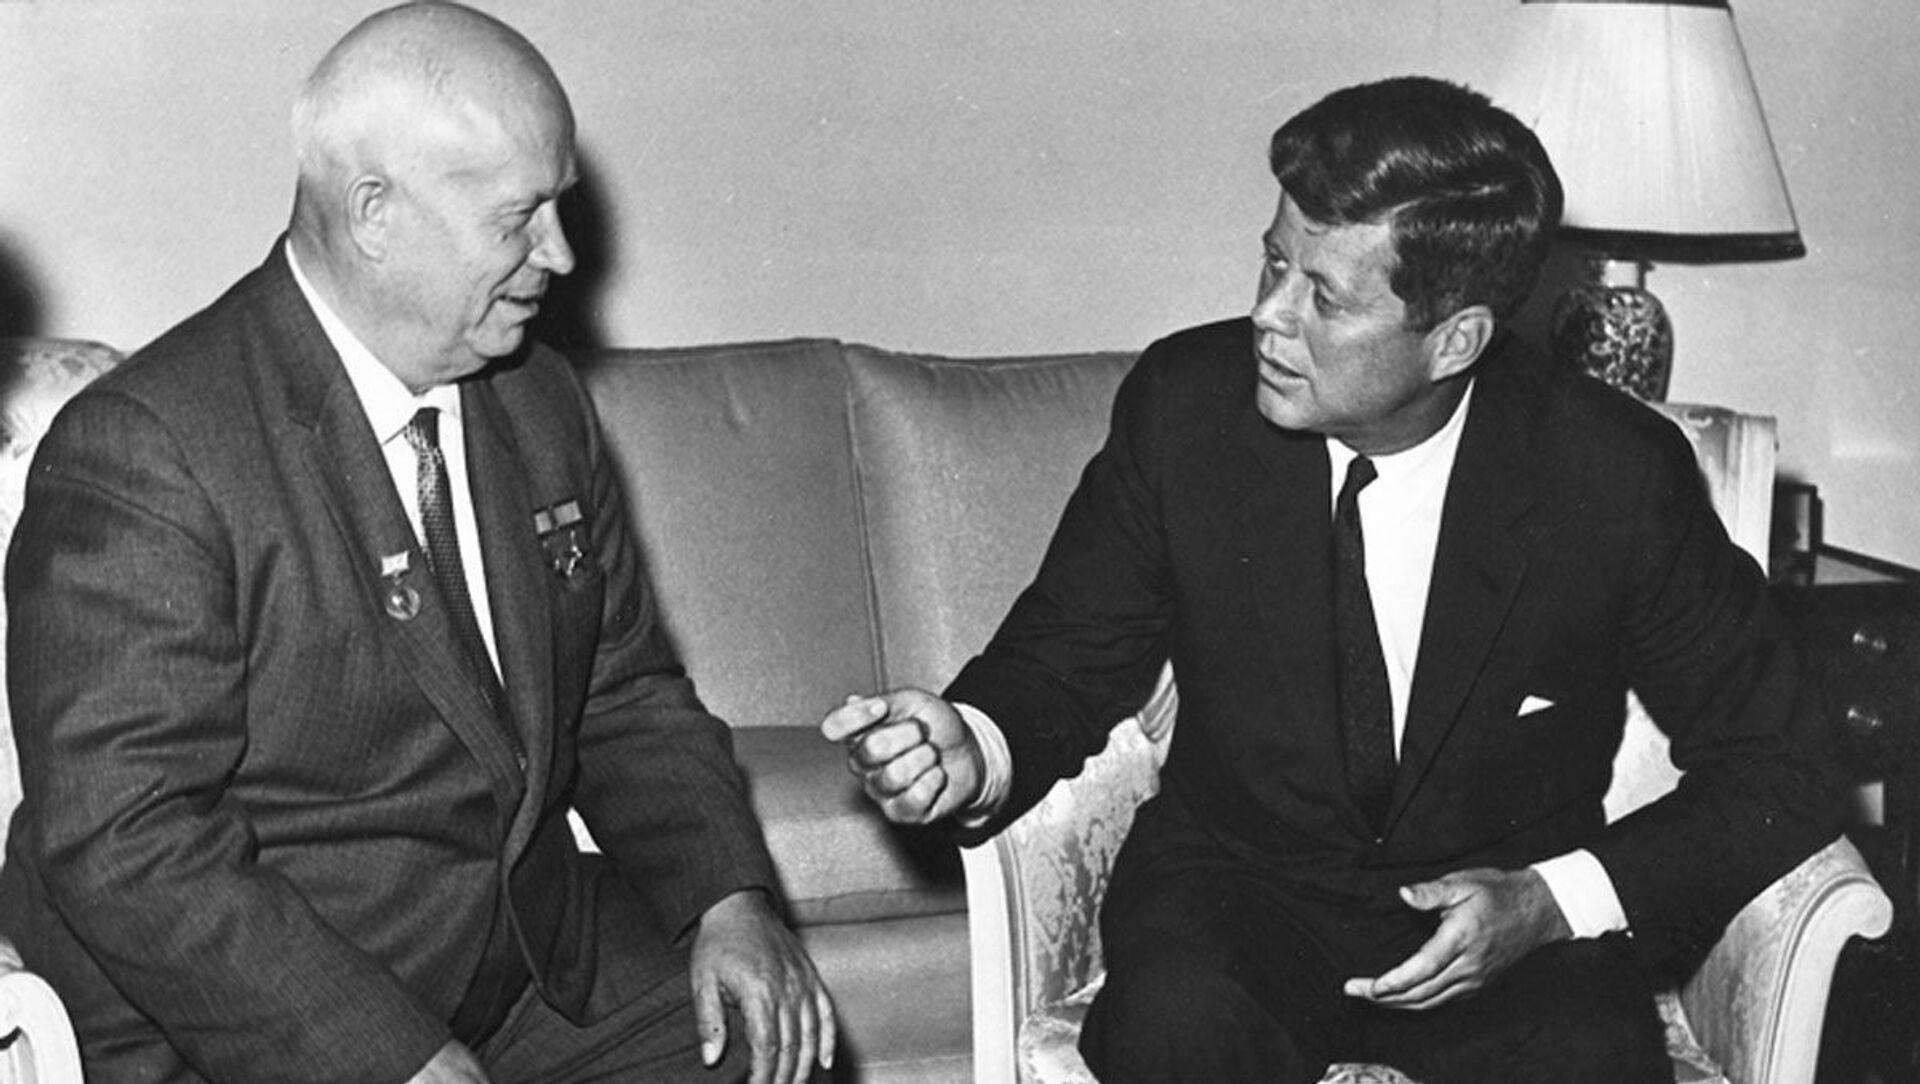 Встреча Джона Ф. Кеннеди с Никитой Сергеевичем Хрущевым в Вене, 4 июня 1961 года - Sputnik Mundo, 1920, 14.10.2019